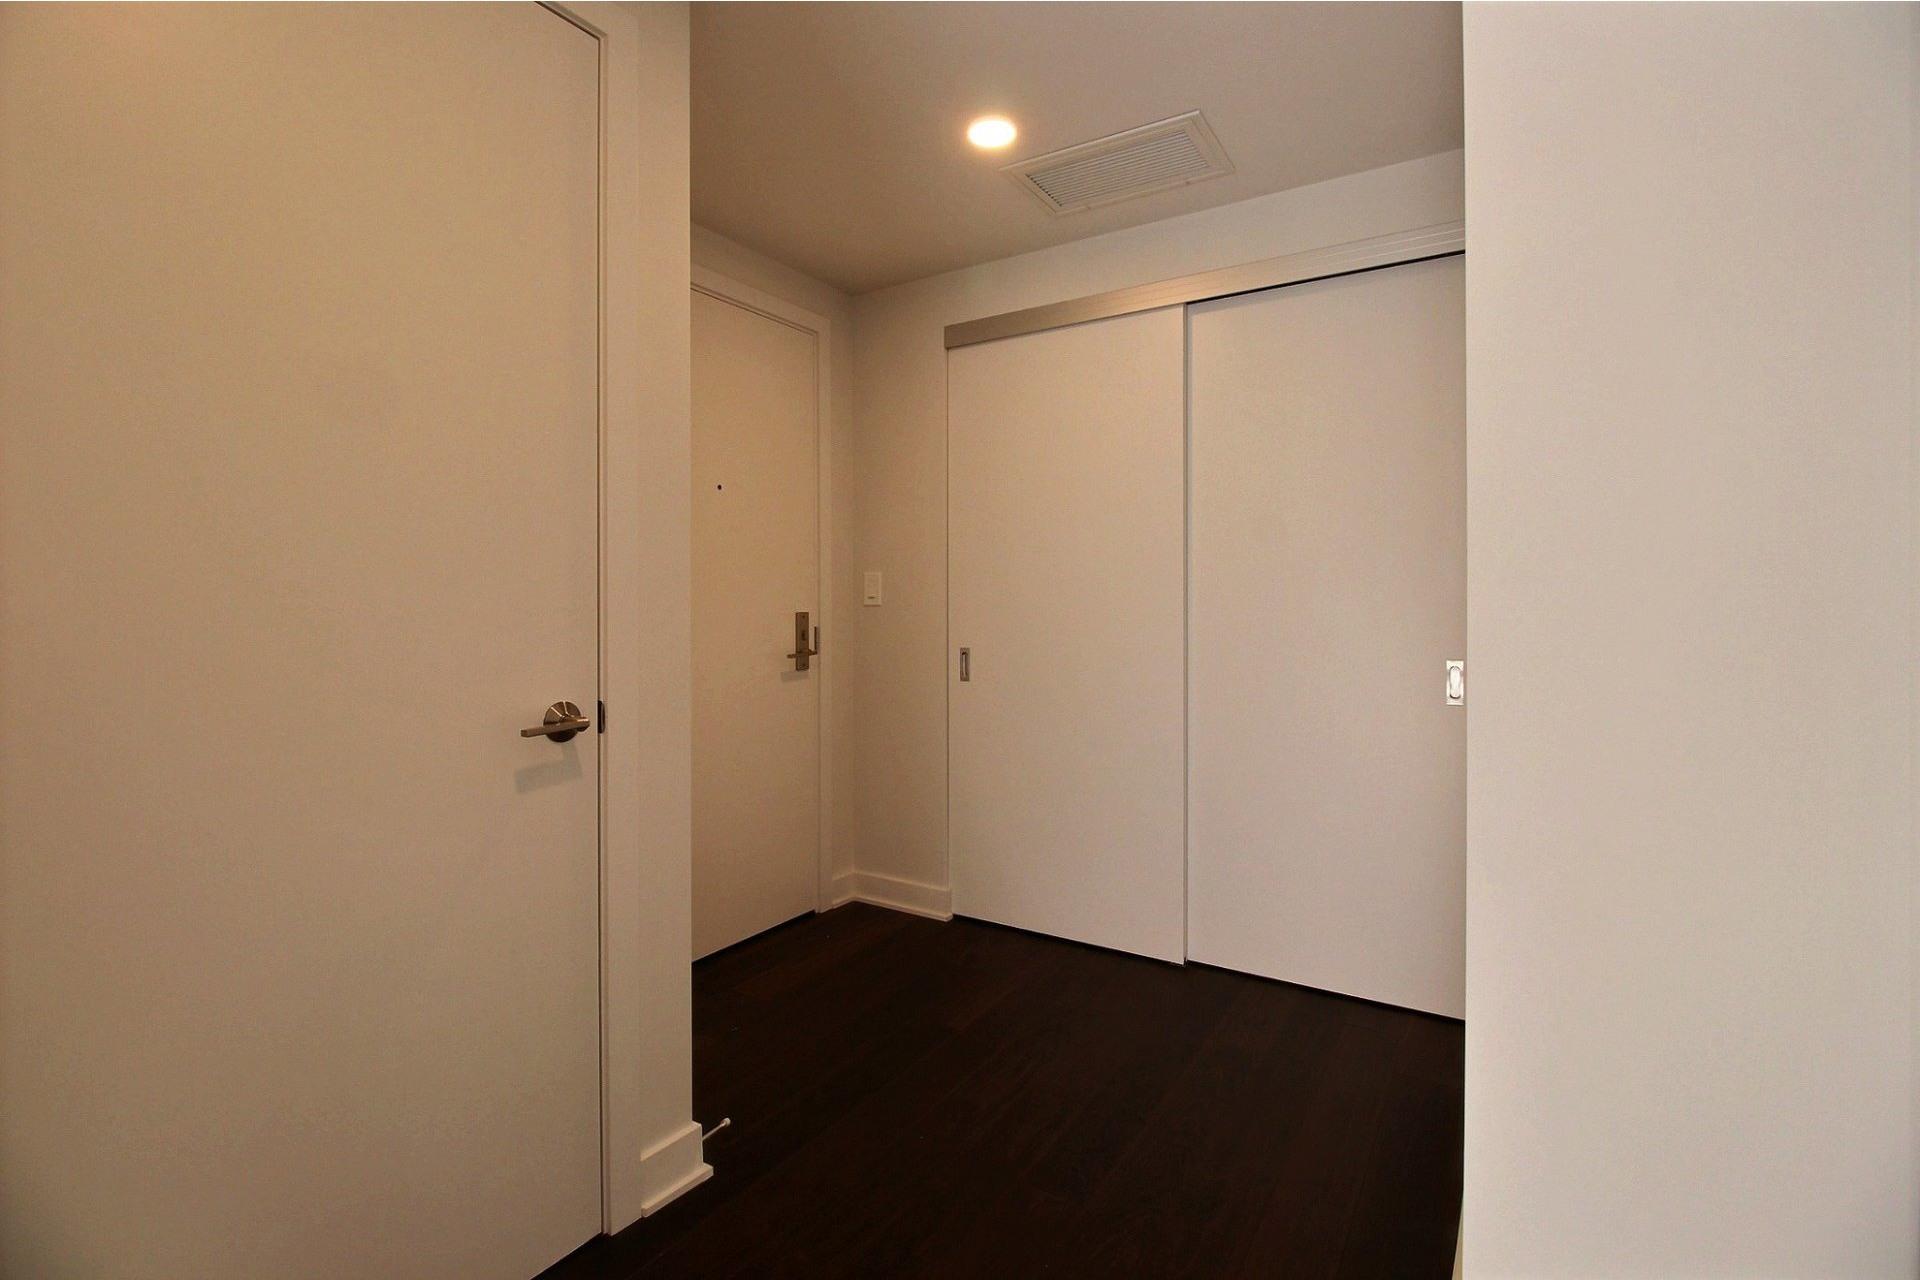 image 28 - Apartment For rent Ville-Marie Montréal  - 7 rooms